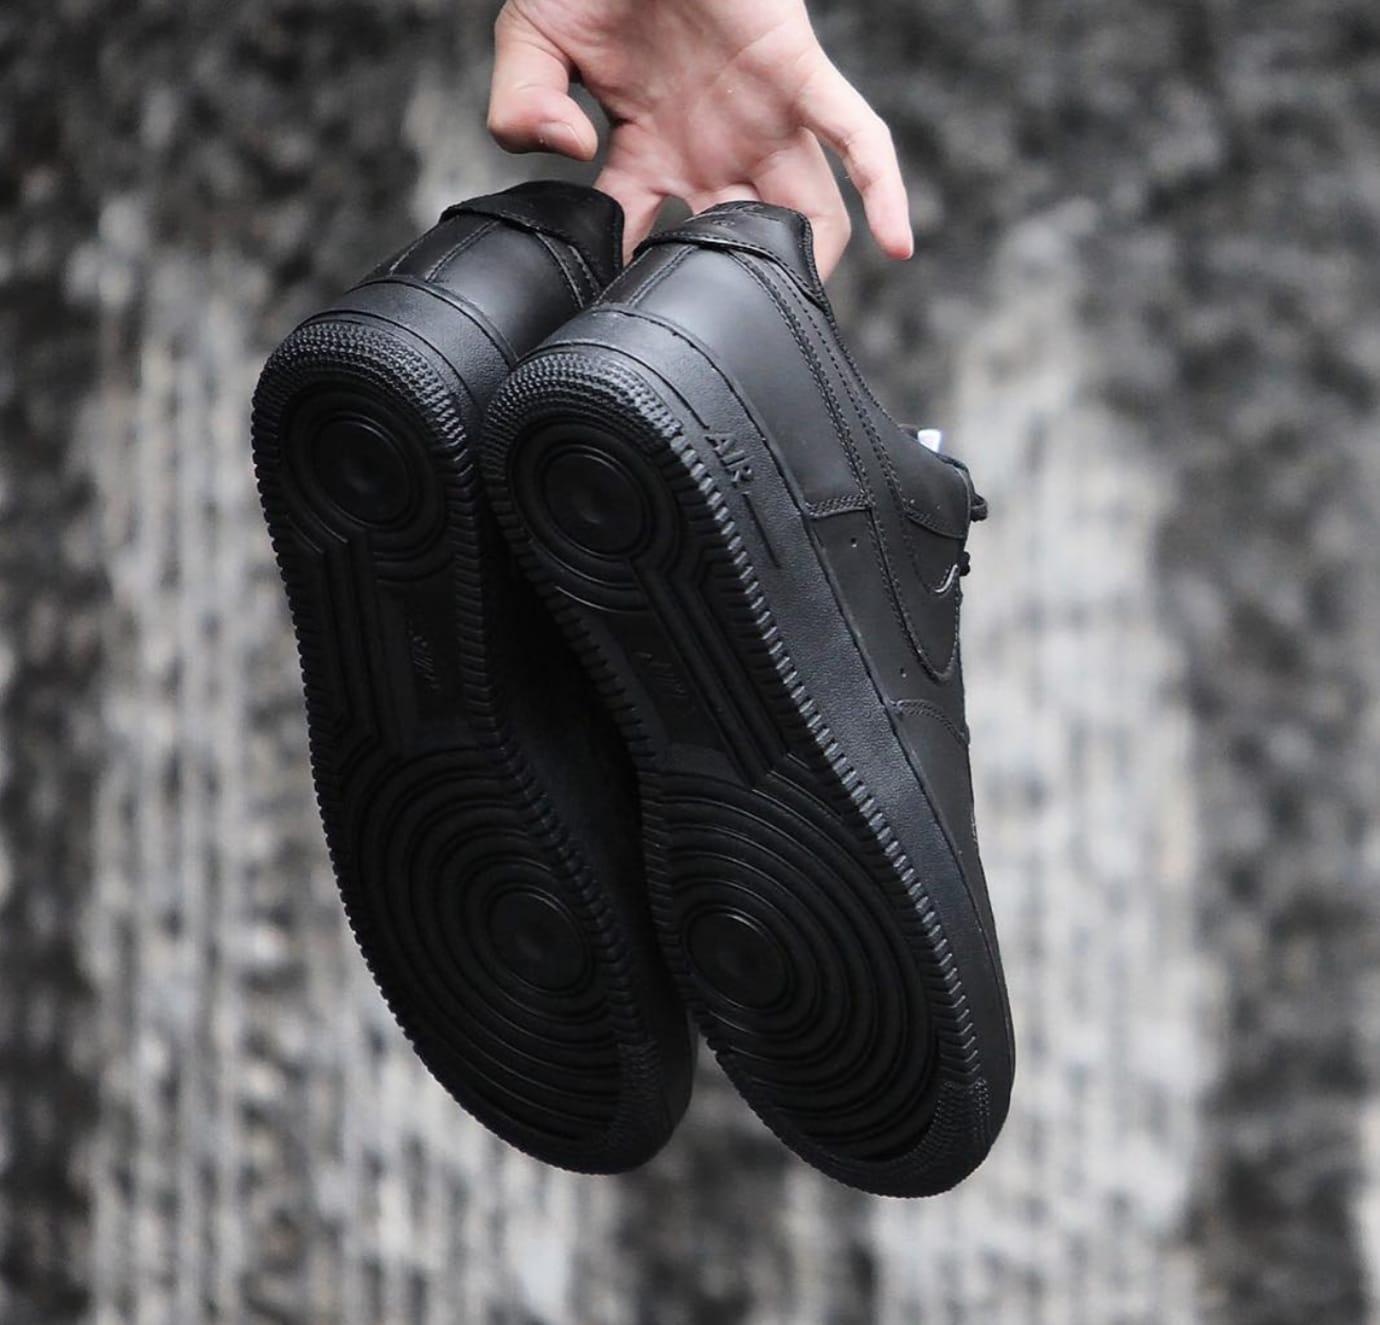 Nike Air Force 1 'All Star/Black' (Botttom)